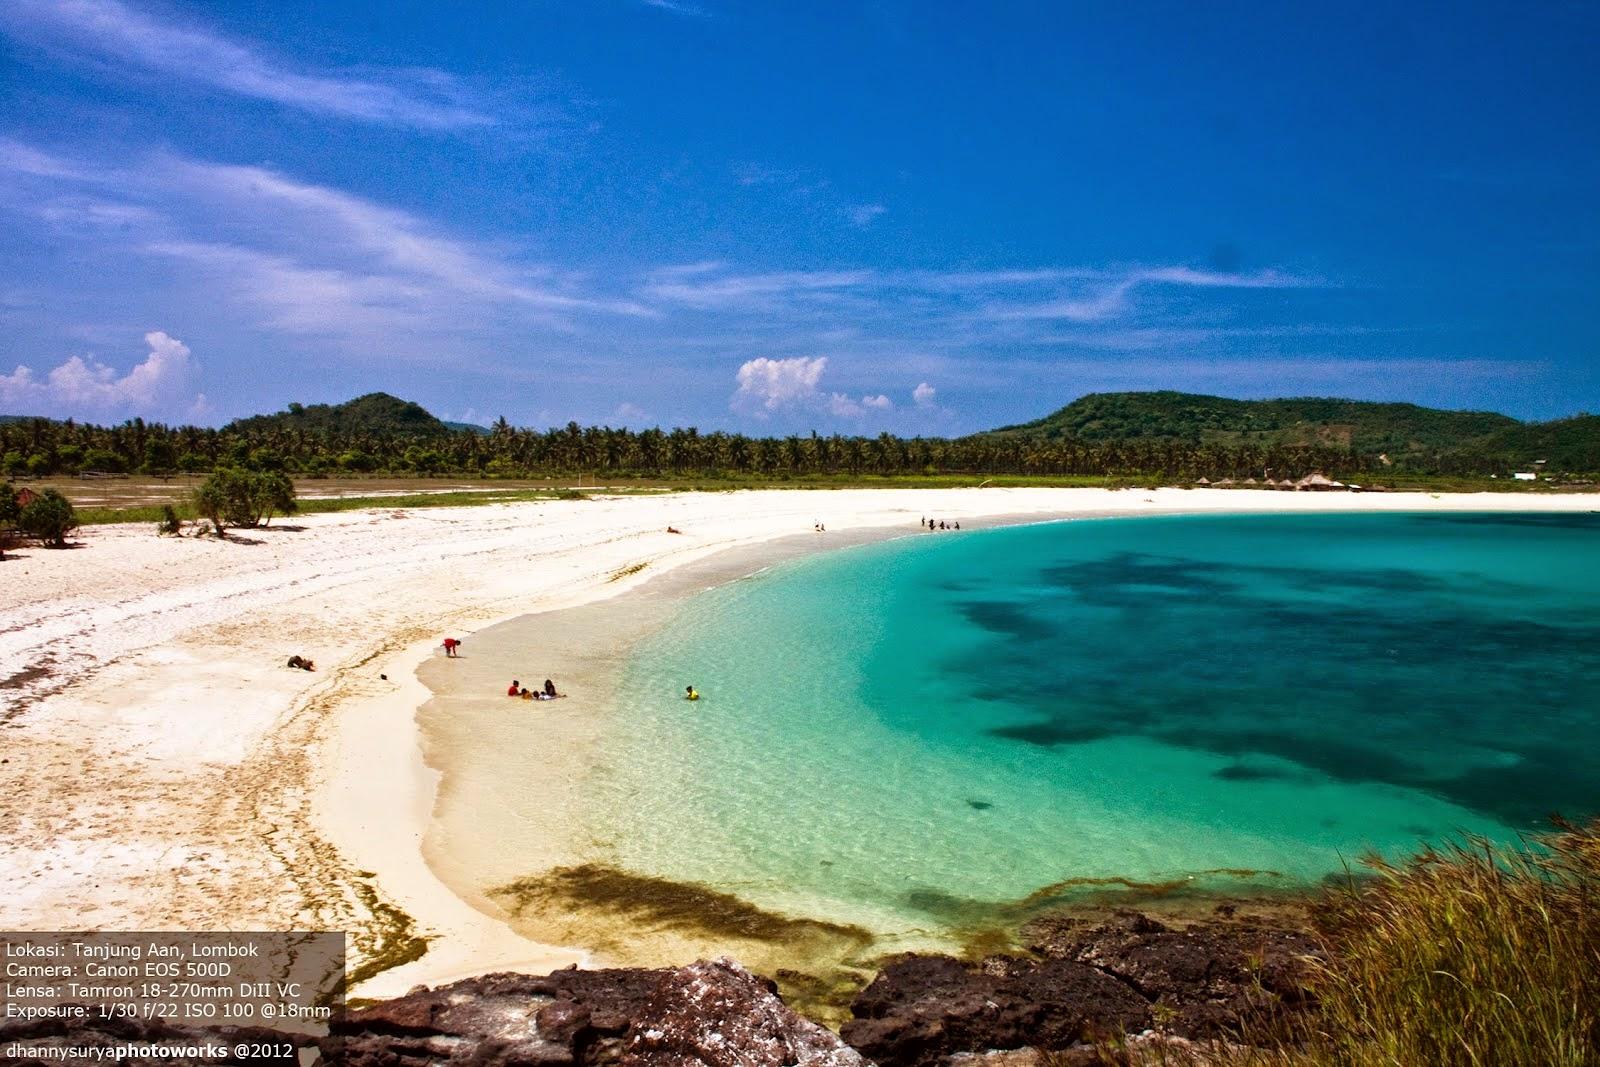 Lokasi Pantai Tanjung Aan dan Batu Payung Lombok Tengah